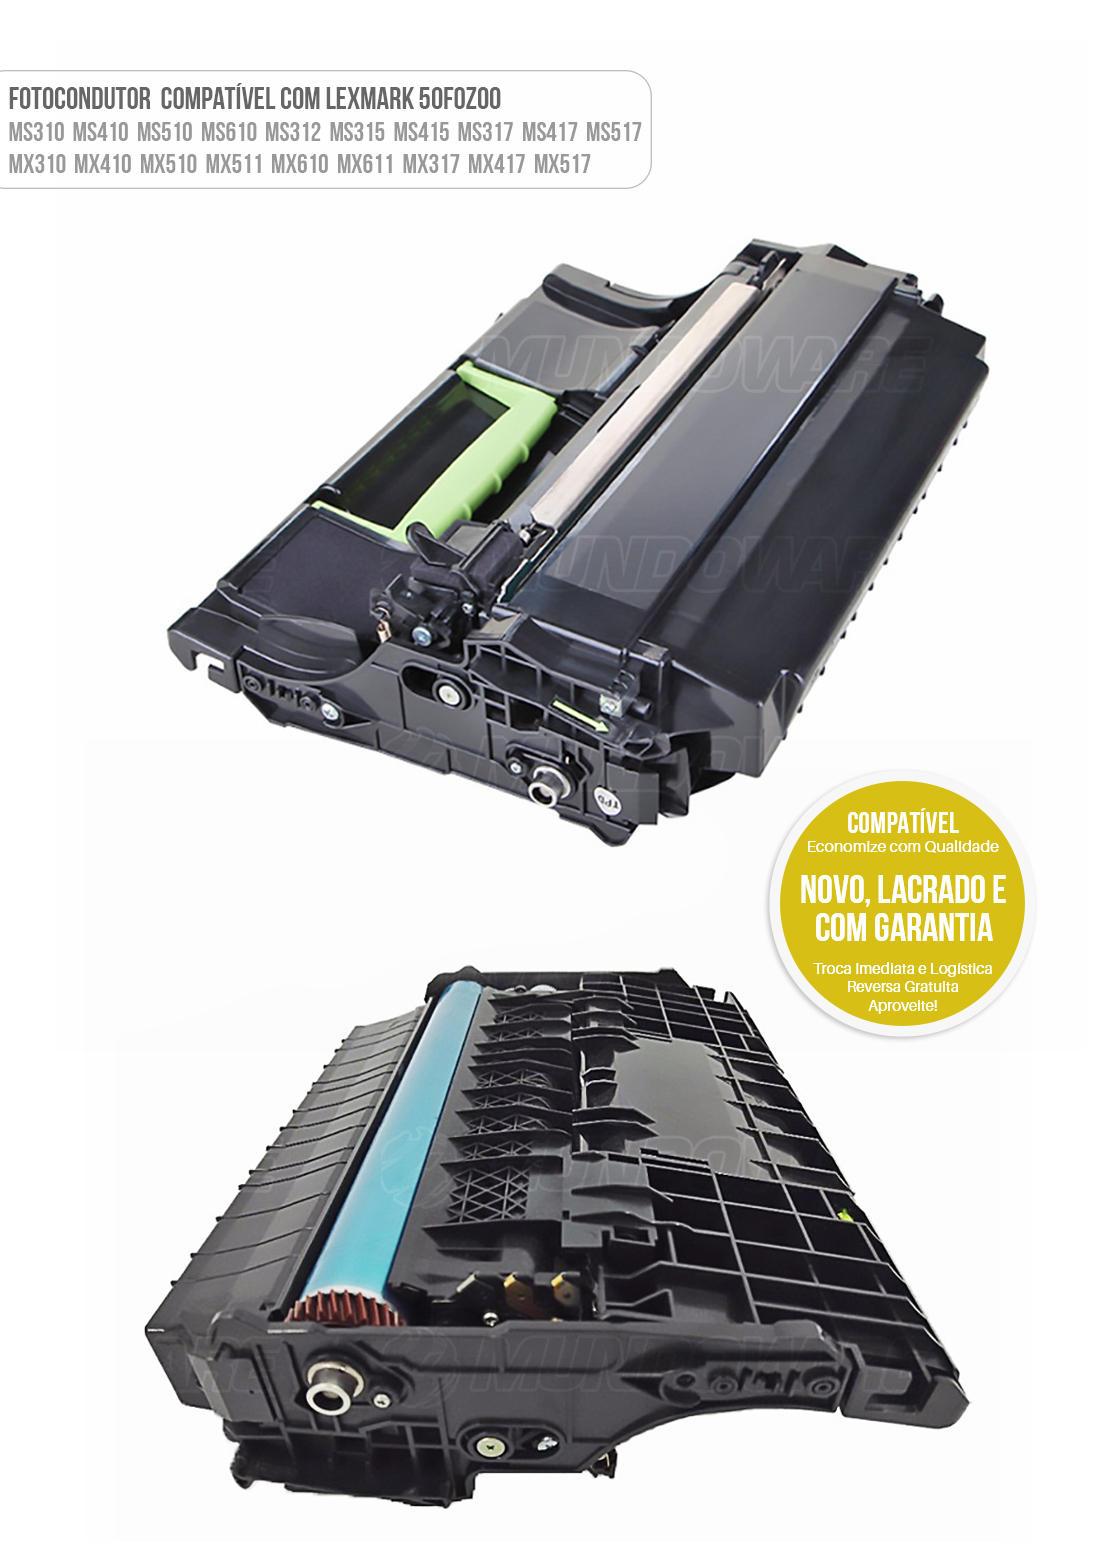 Cartucho de Cilindro Fotocondutor Compatível para impressora Lexmark MS310 MS410 MS510 MS610 MS312 MS315 MS415 MS317 MS417 MS517 MX310 MX410 MX510 MX511 MX610 MX611 MX317 MX417 MX517 60K